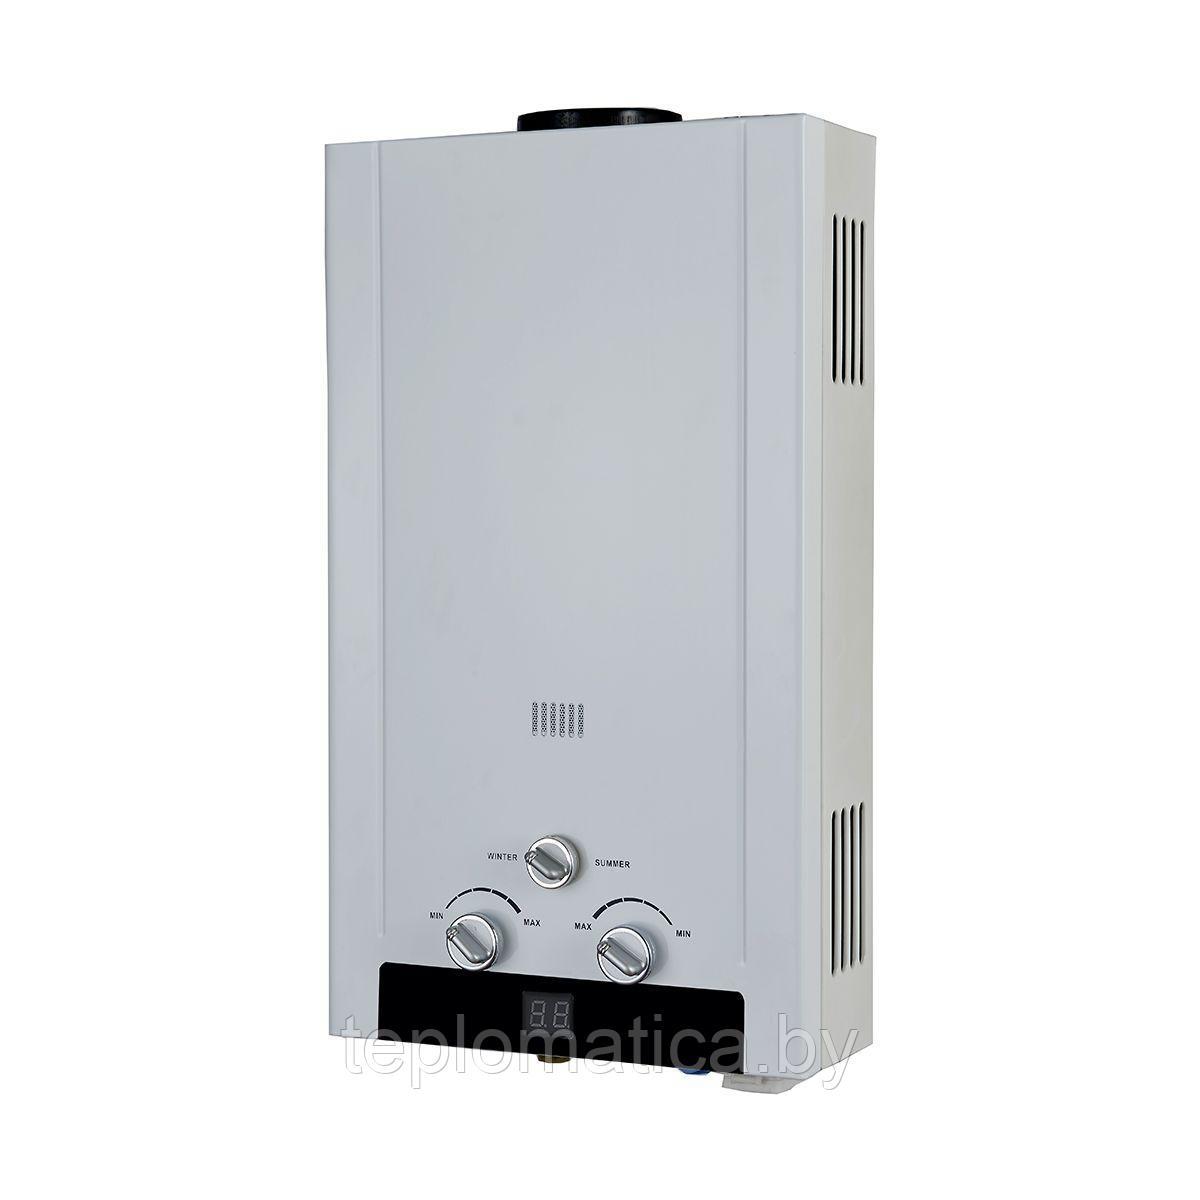 Вектор (vektor) | водонагреватели, бойлеры, колонки | ваши отзывы, мнения, советы и каталог: газовые проточные водонагреватели, газовая колонка